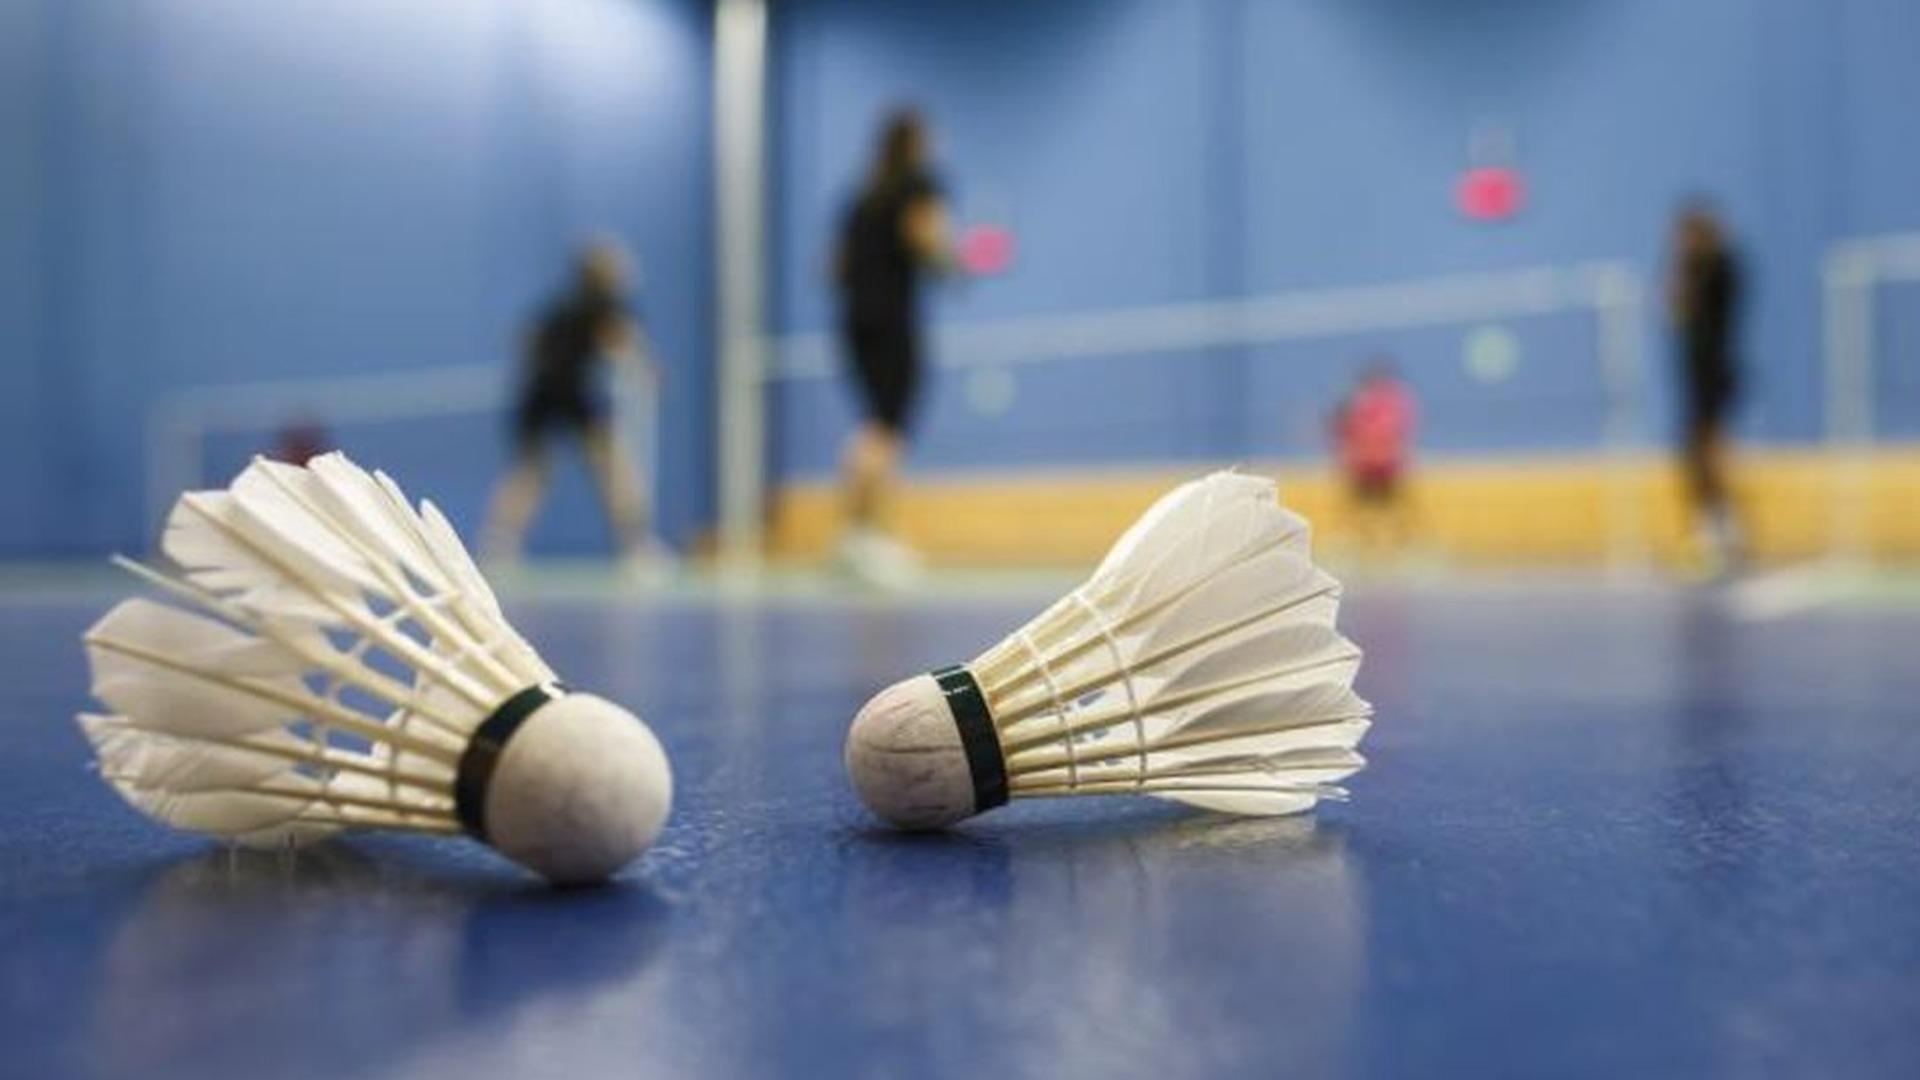 gelora_badmintoncoach